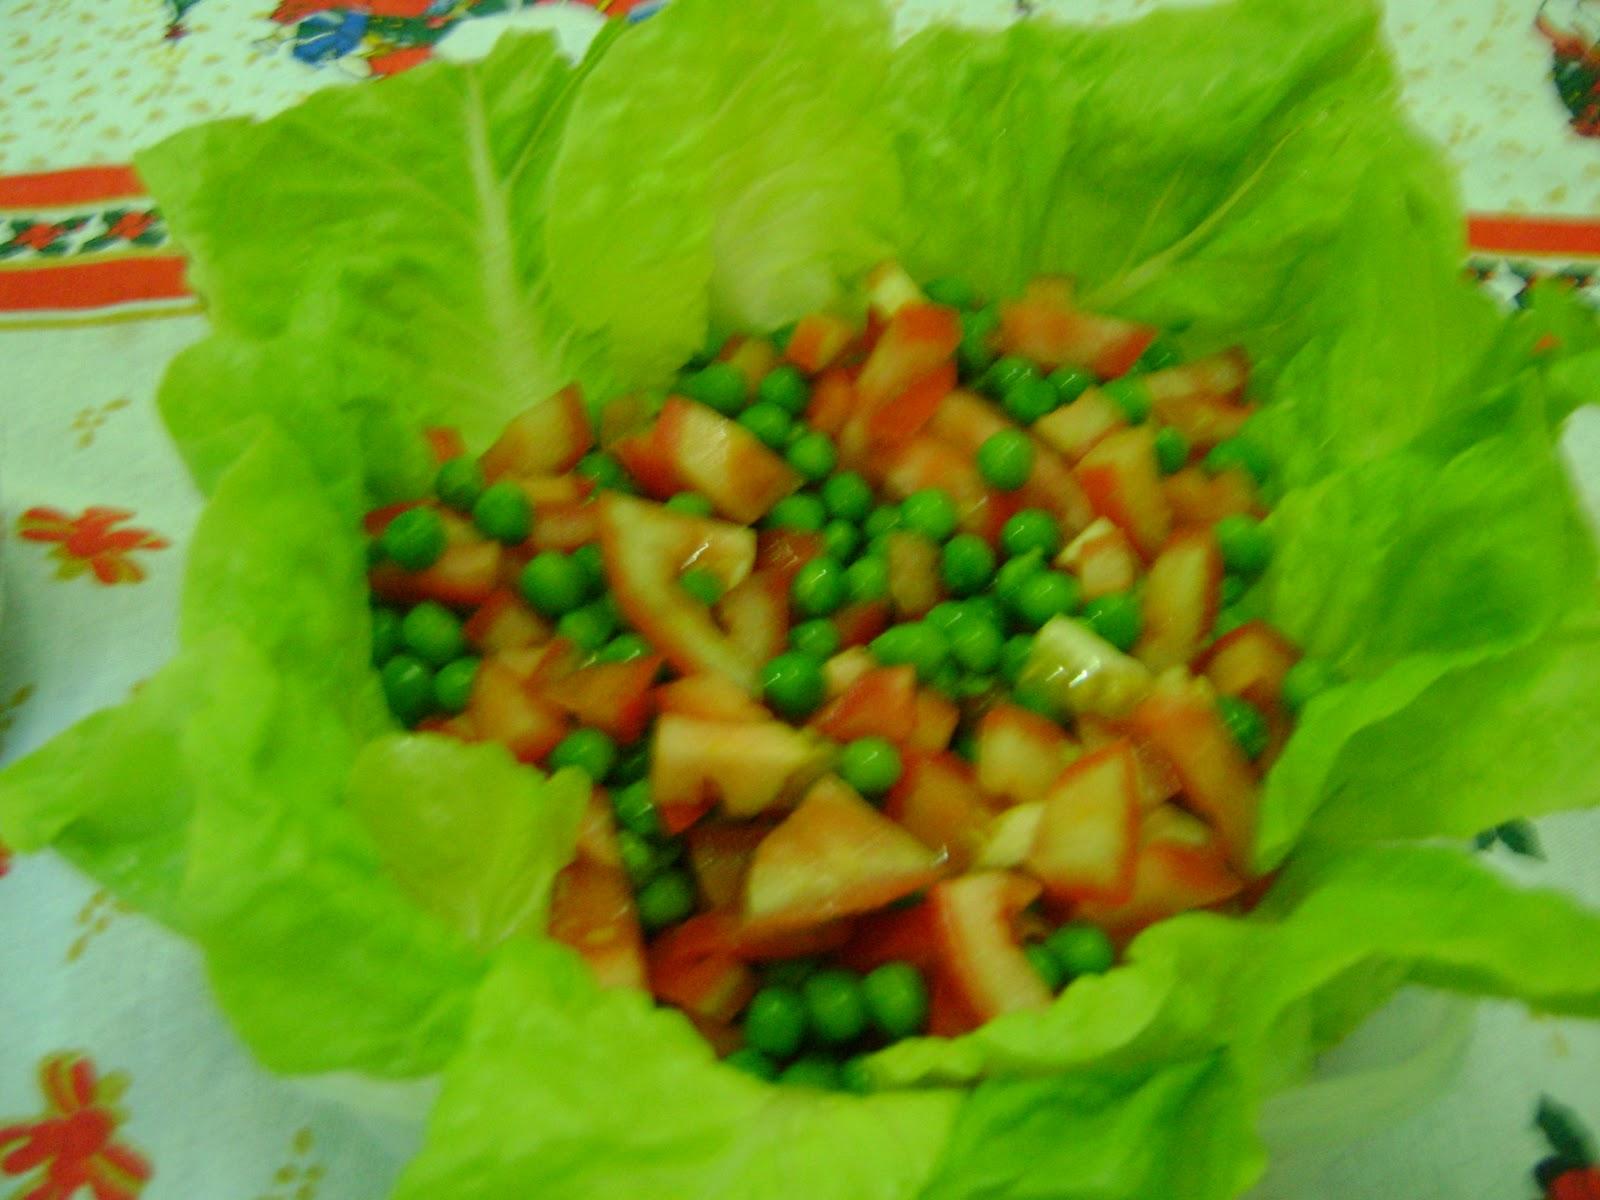 Não Tolero Falsidade Prefiro Uma Verdade Cheia De: Nutrição, Culinária E Tecidos: Molho Para Saladas E